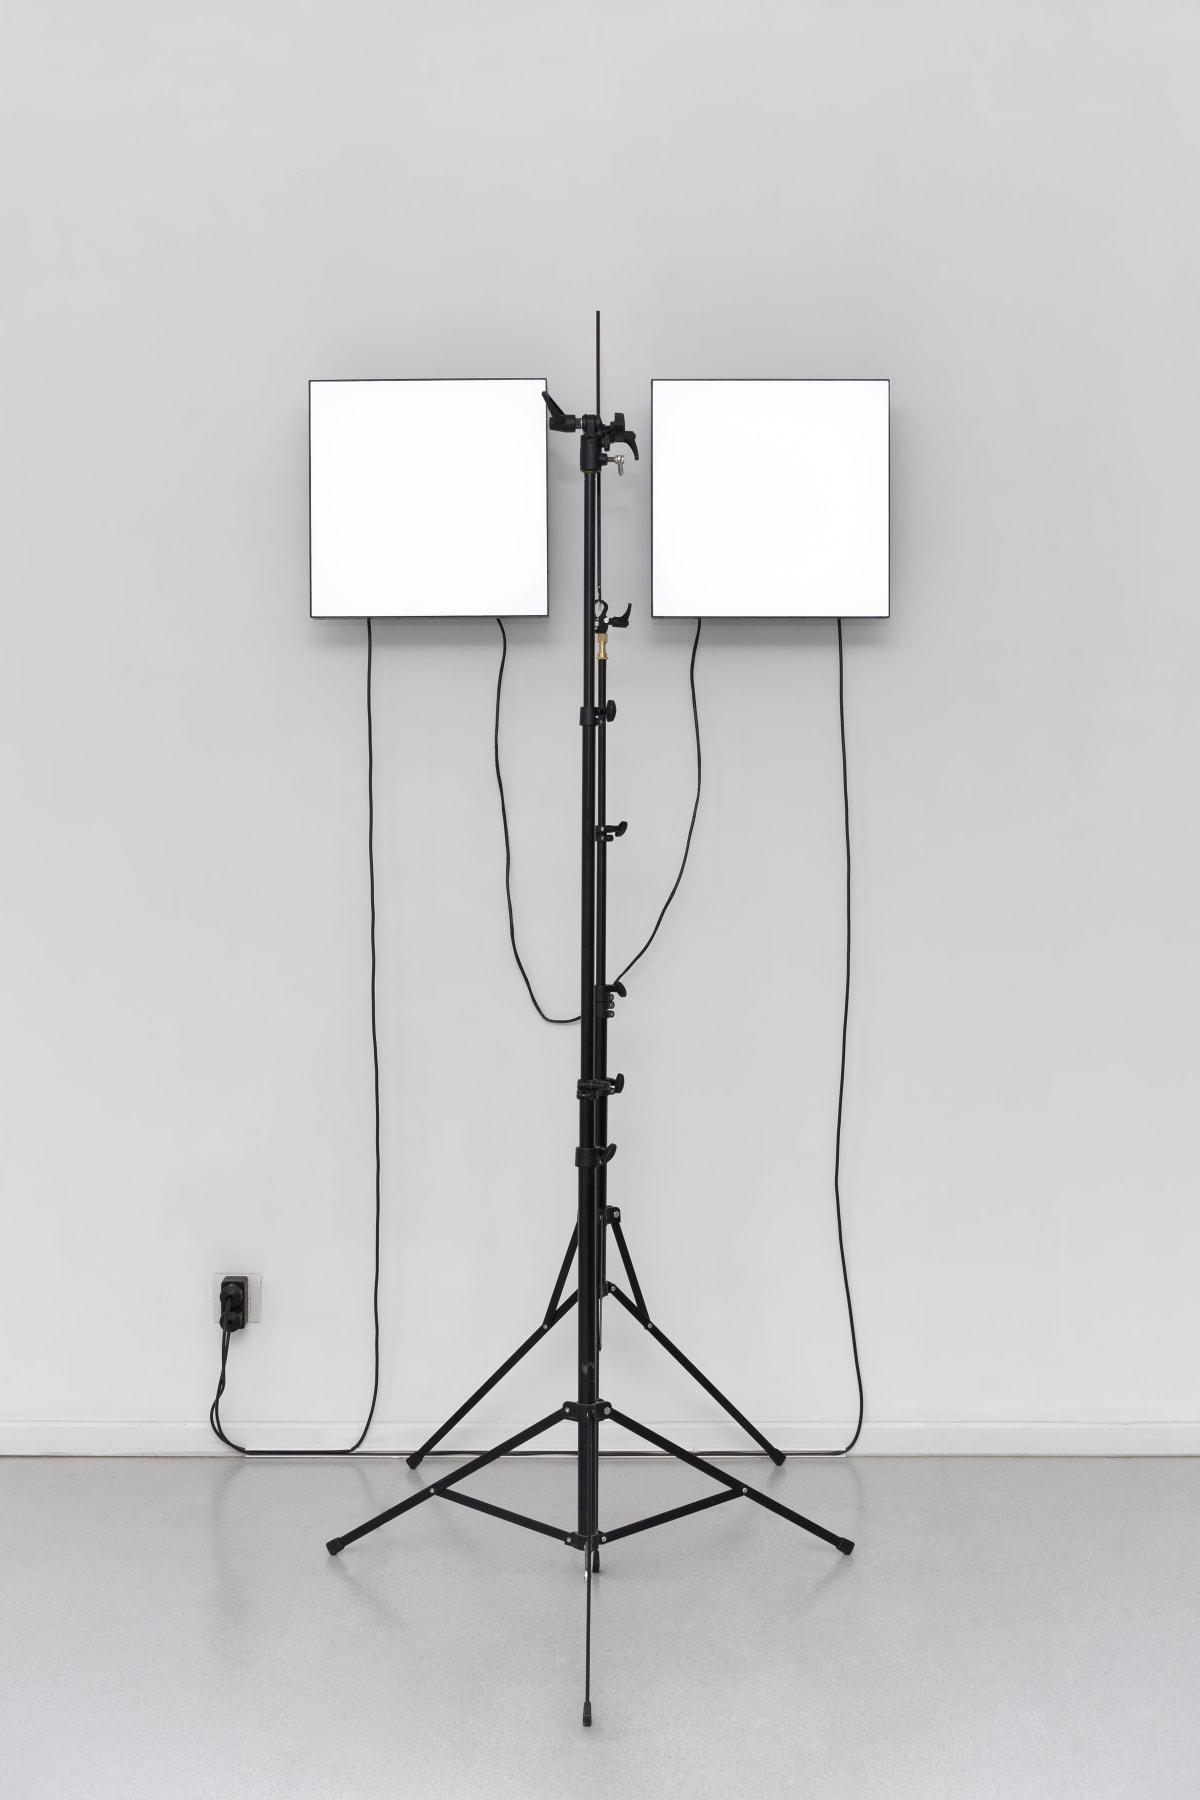 Emmanuel Van der Auwera: VideoSculpture XXI (Vegas), 2019 2 x Manipulated LCD screens, 2 x Tripods, 1 x Plexiglass, cables, HD Video (15 minute loop) 181 x 96 x 75 cm 71 1/4 x 37 3/4 x 29 1/2 in